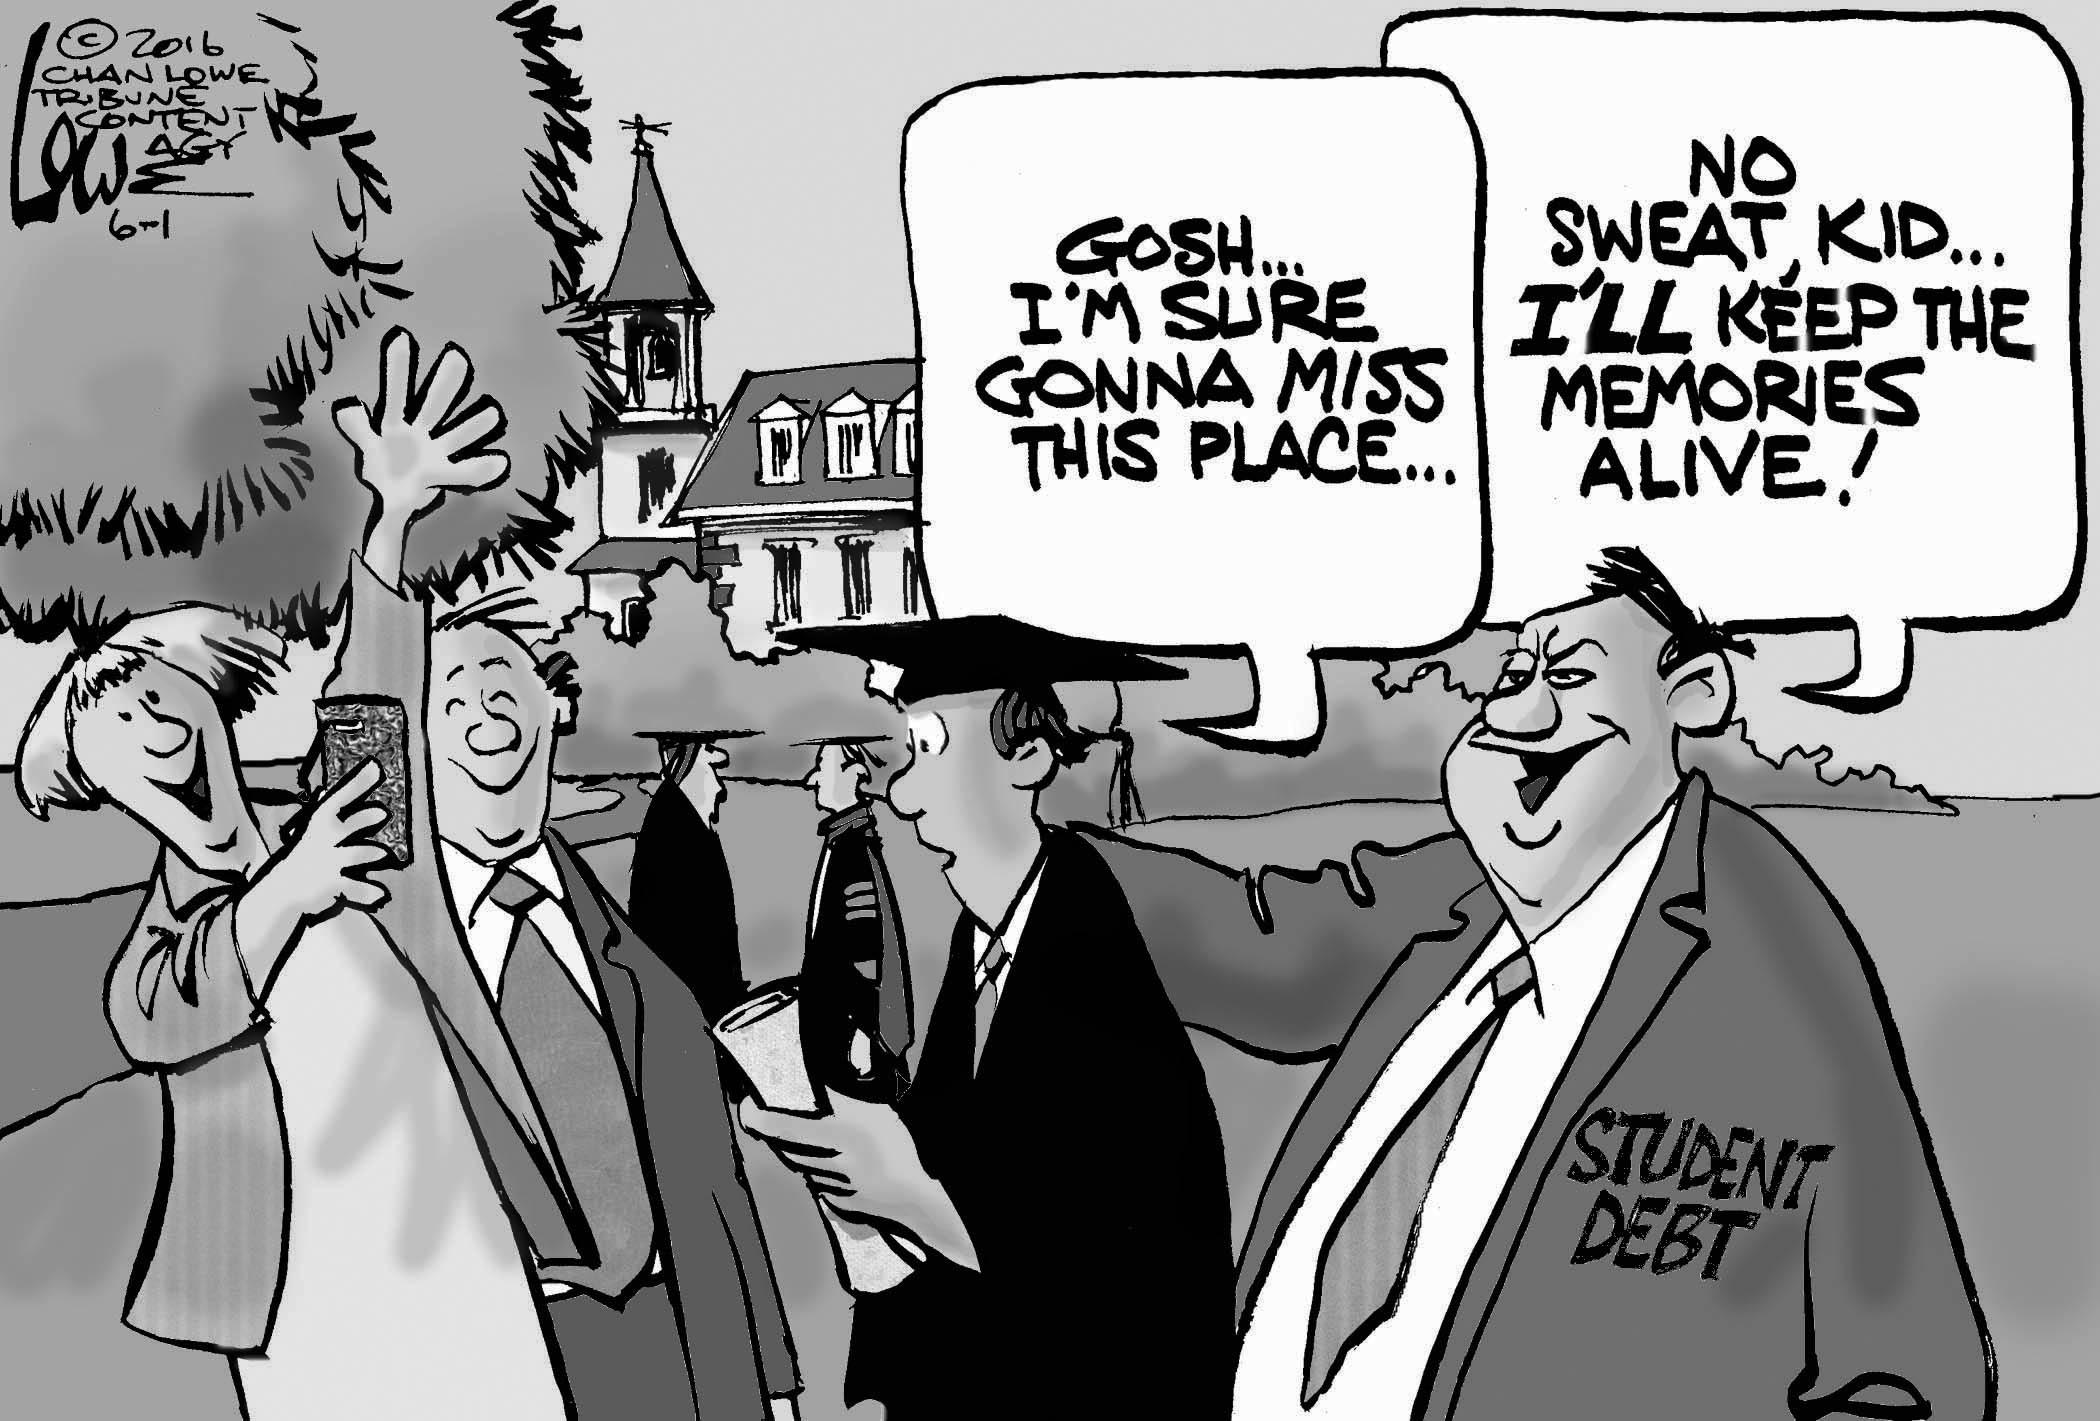 June 4: Student Debt